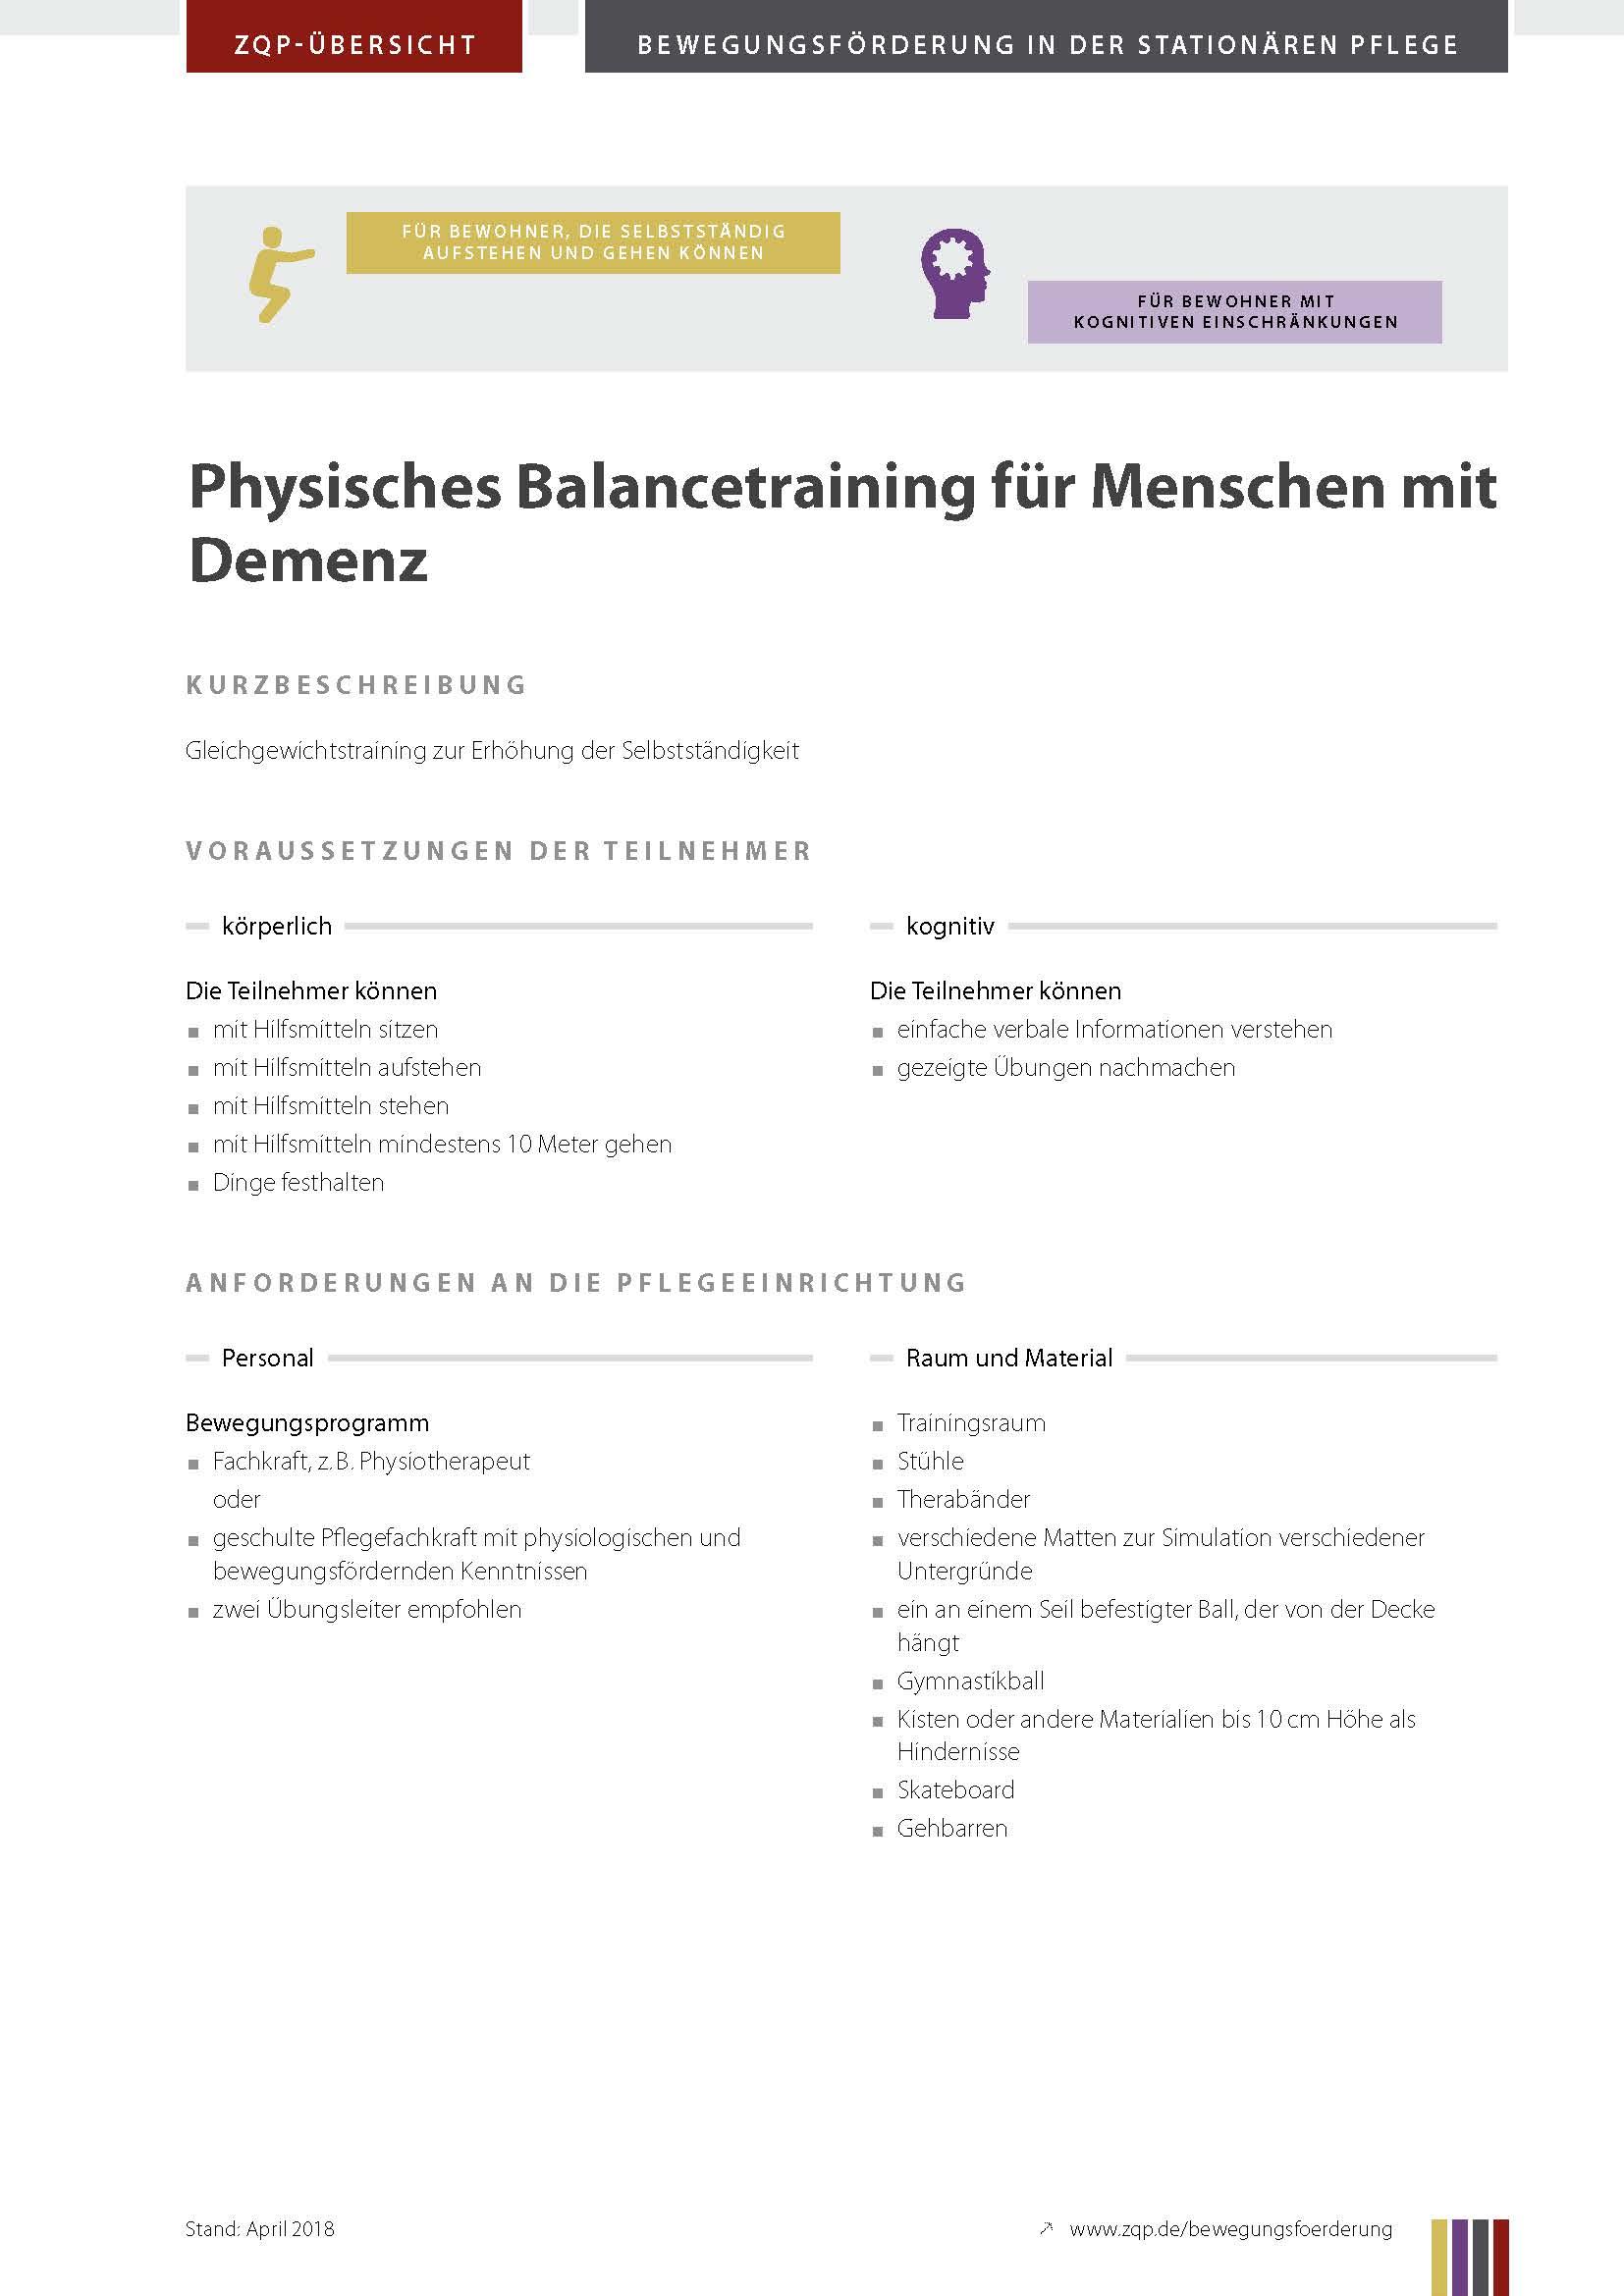 Titelblatt Physisches Balancetraining für Menschen mit Demenz